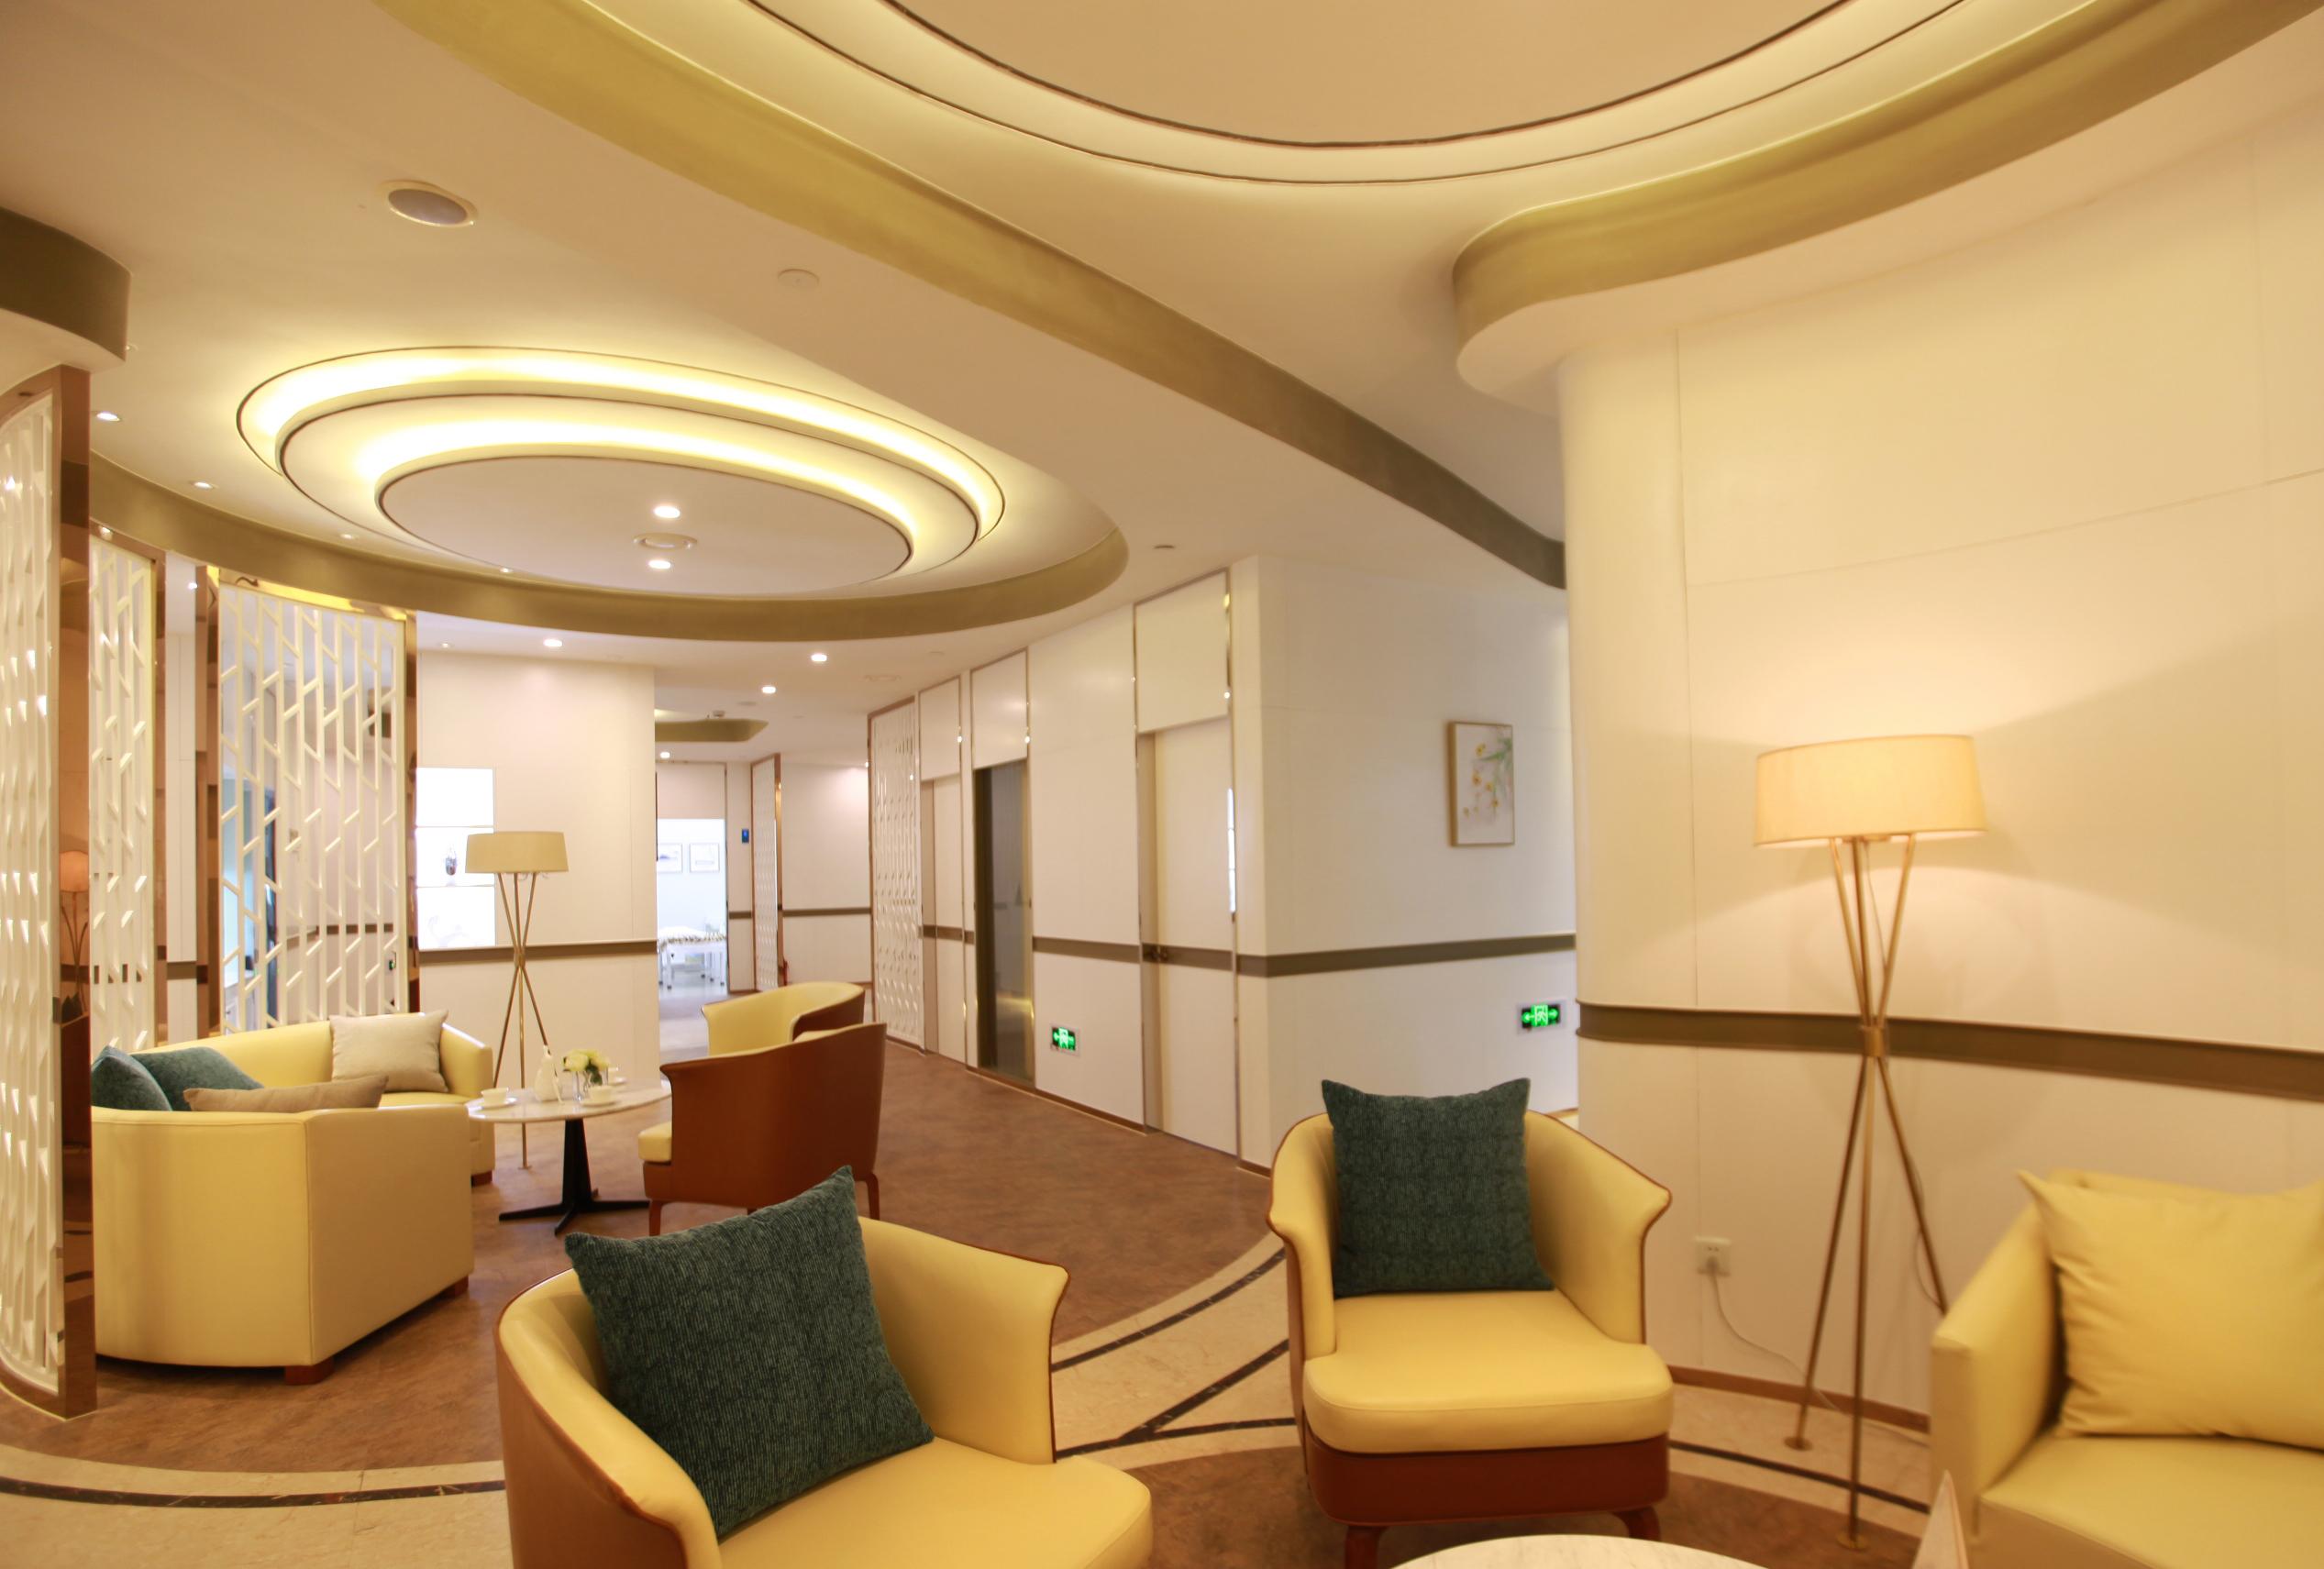 医疗美容别墅这样装修,更具机构竞争力丨霍思医疗室内合同市场图片